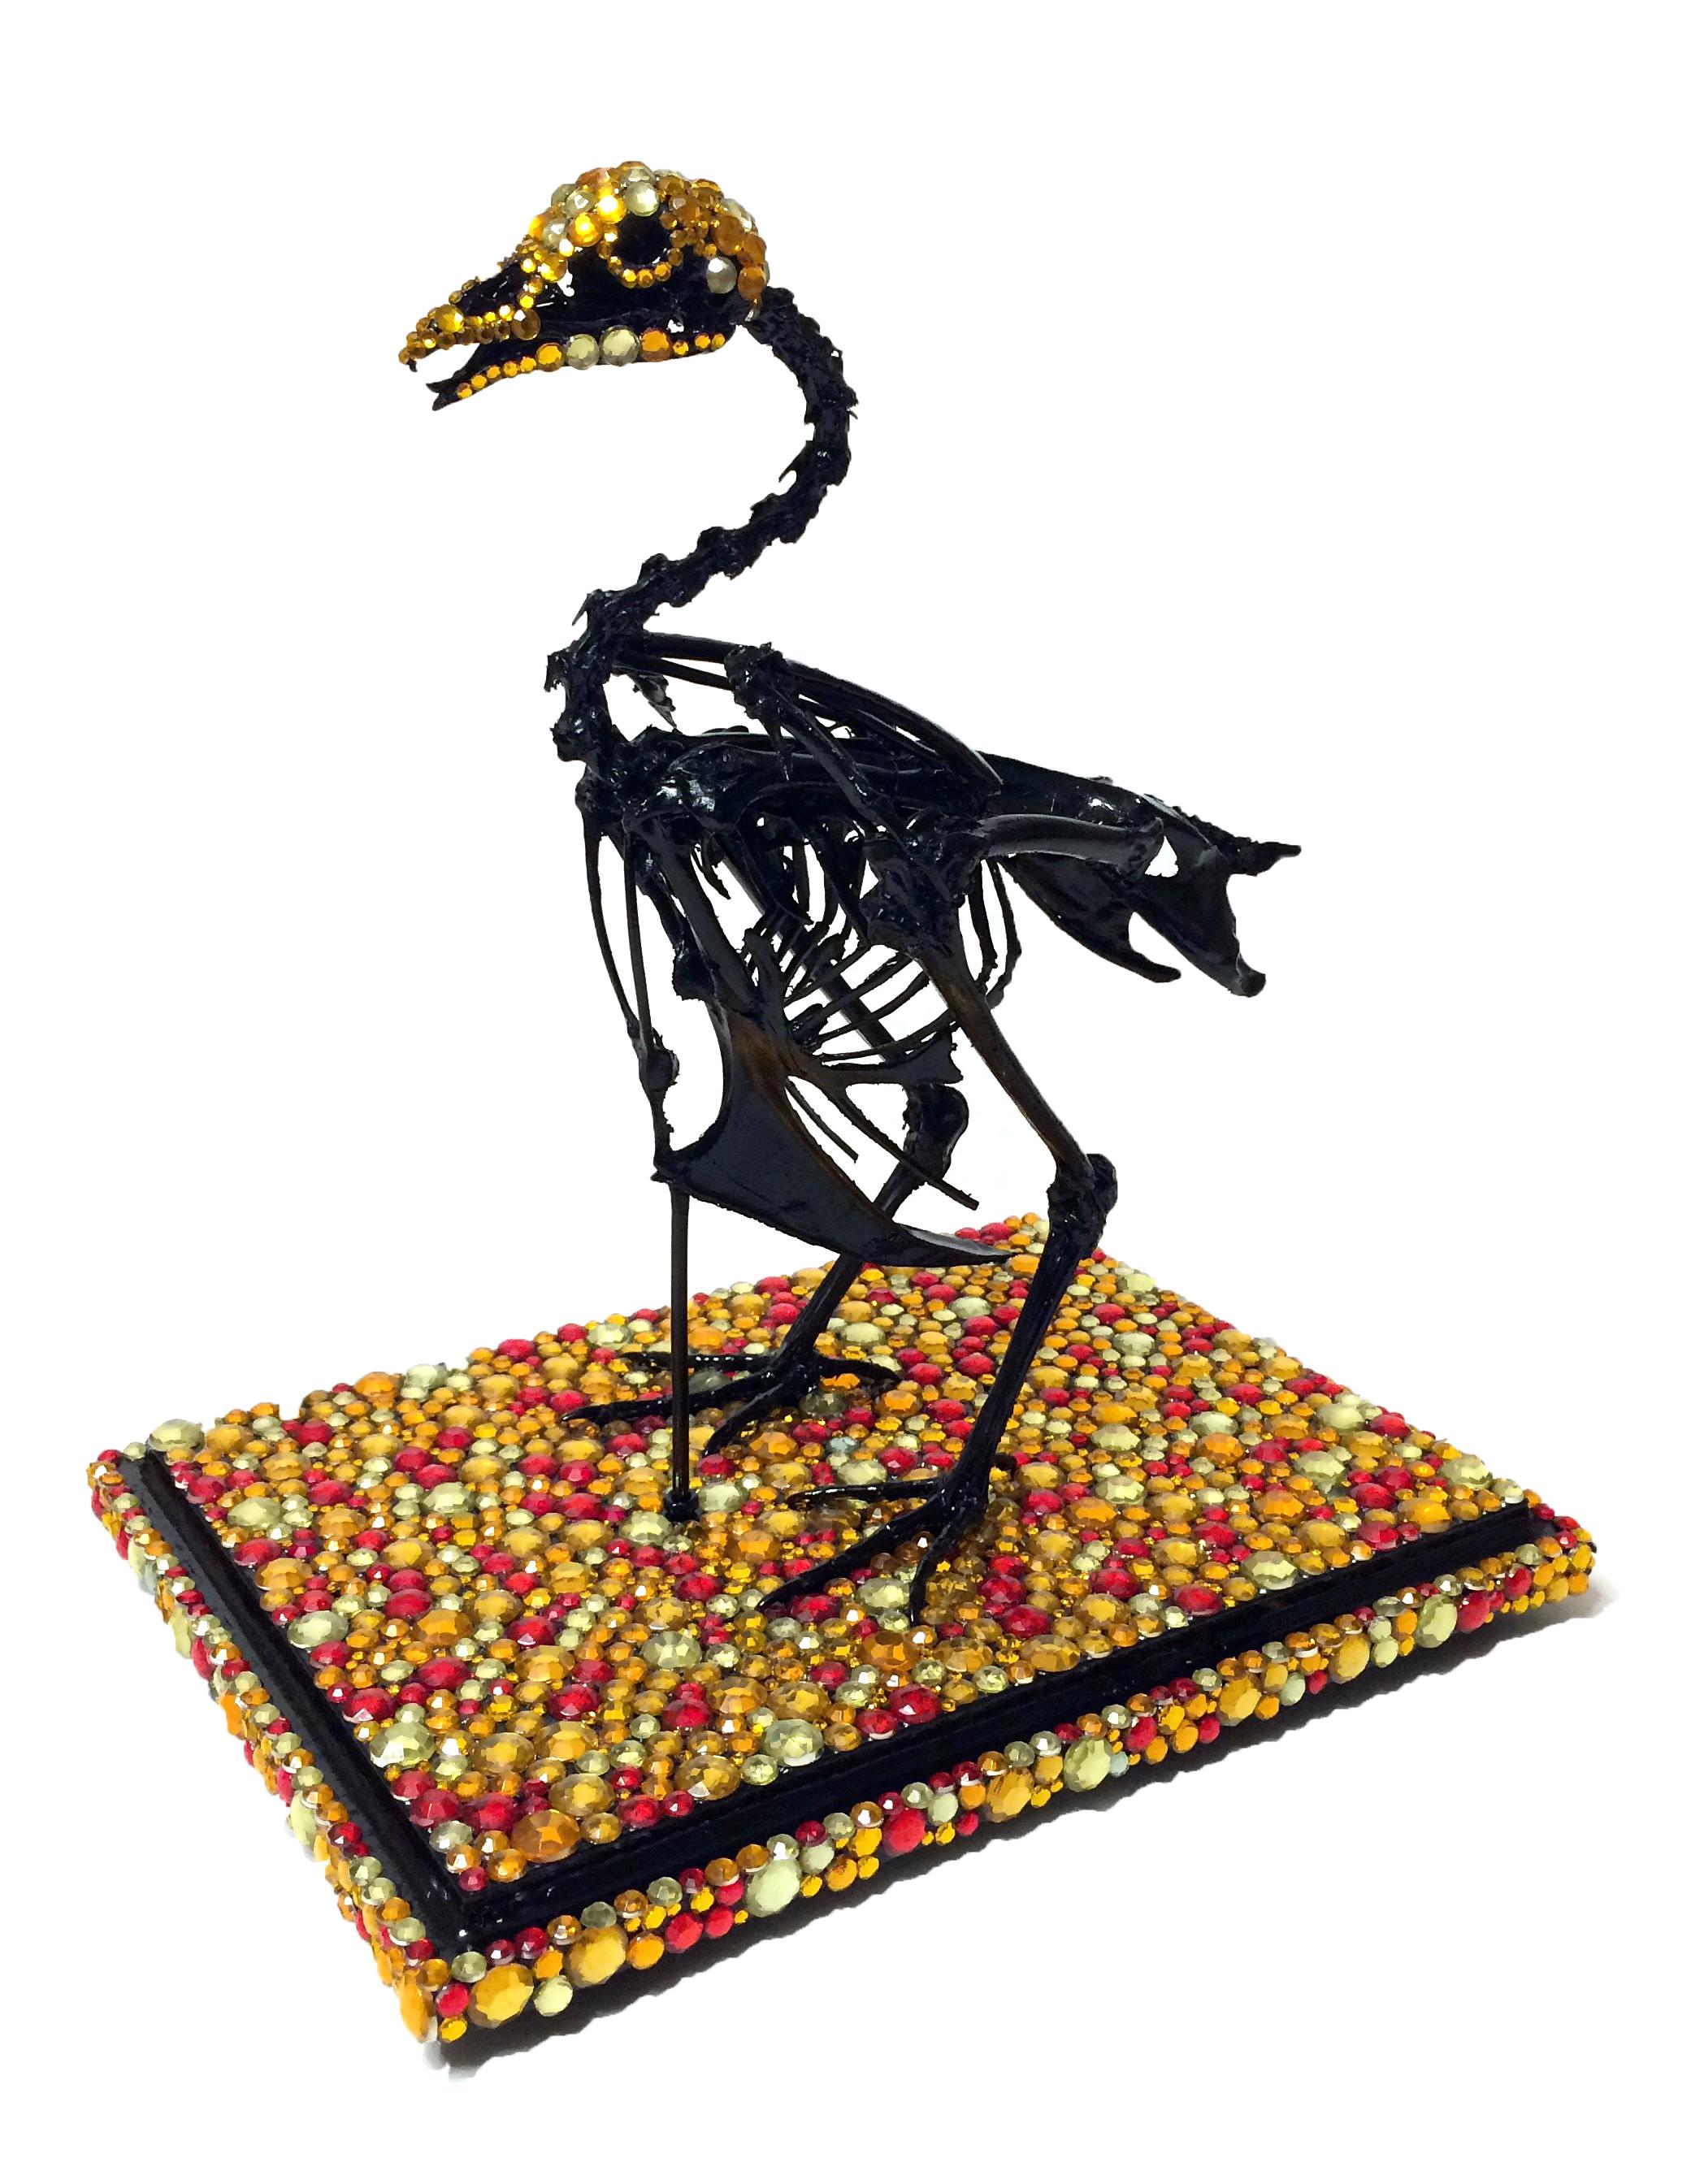 """胡說 (""""Poppycock"""") , 2016  Articulated rooster skeleton, acrylic rhinestones, paint, wooden base, acrylic vitrine  14 X 11 X 8 in  View Artsy to purchase"""